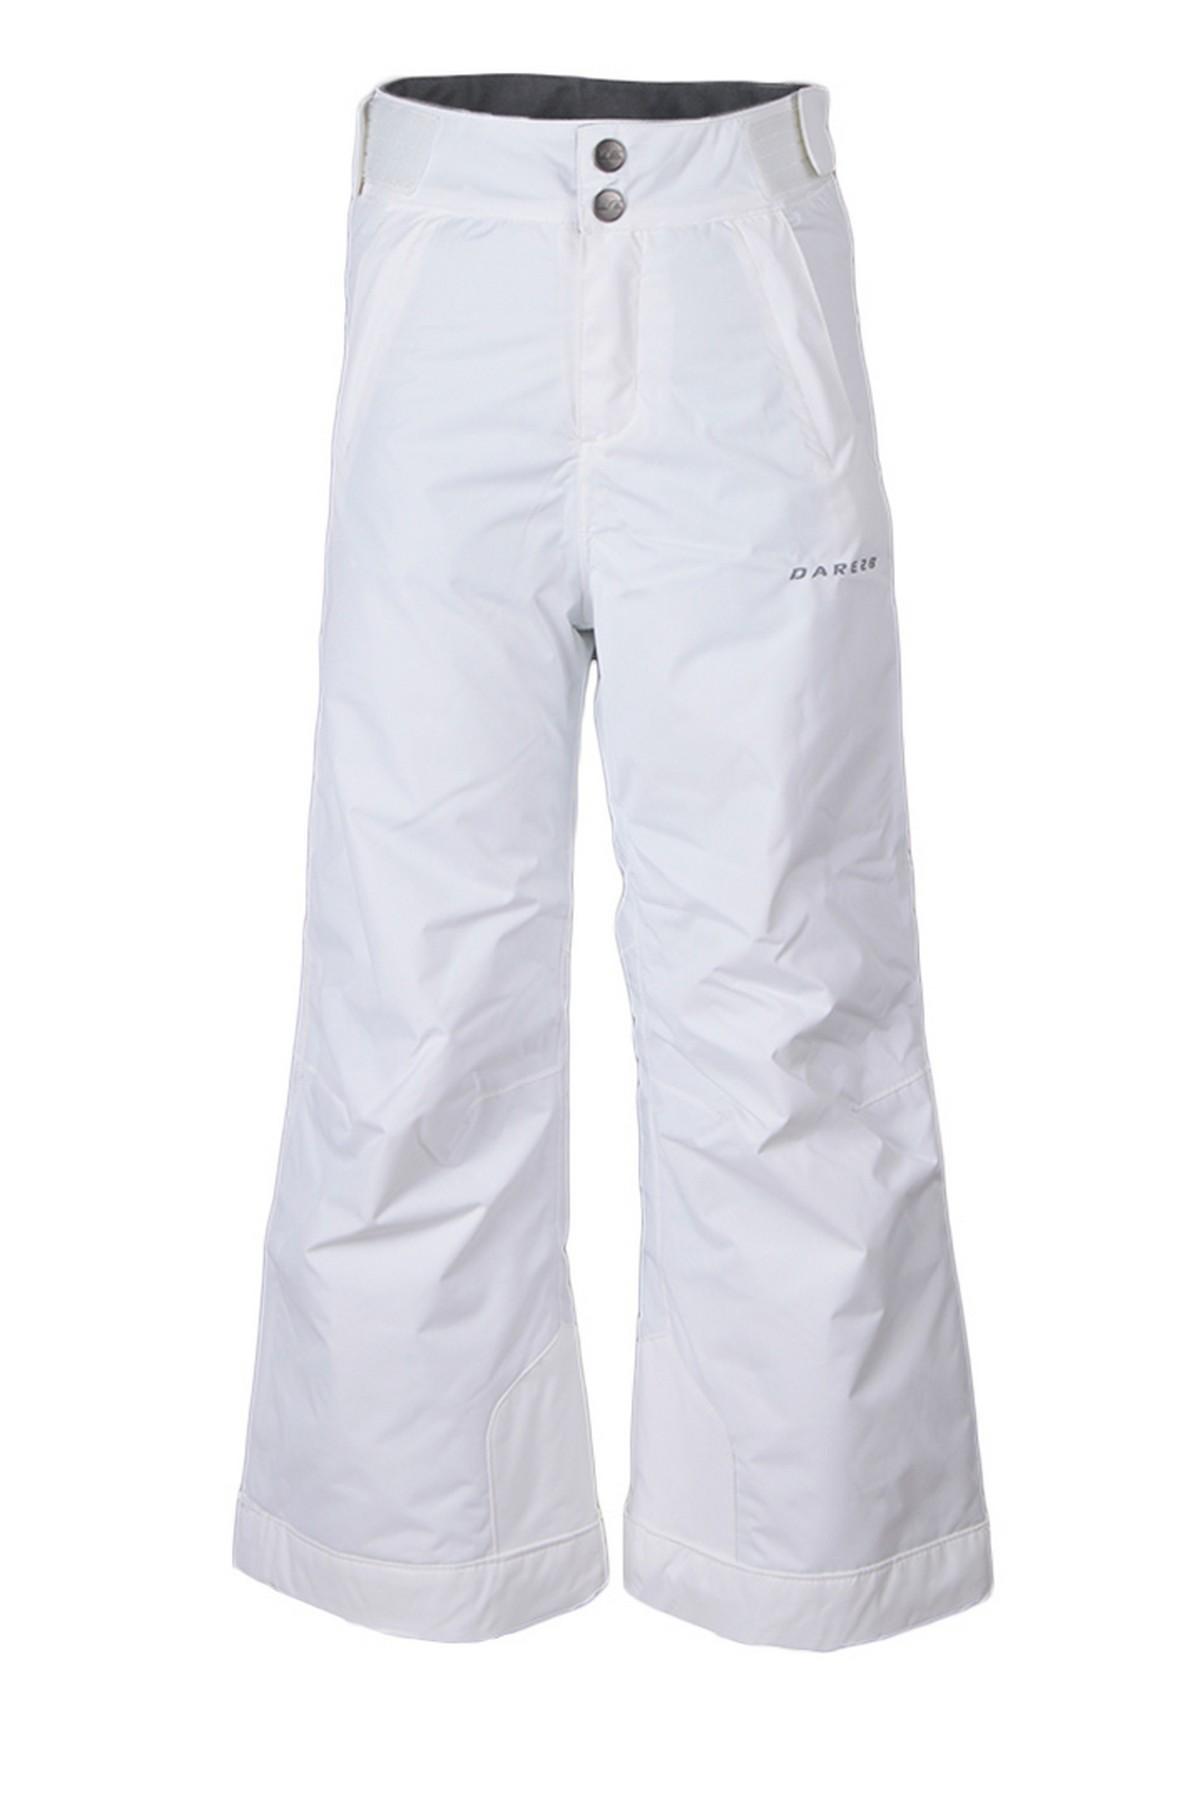 Dare2b Whirlwind Çocuk Kayak Pantolonu Beyaz (DKW304-900)